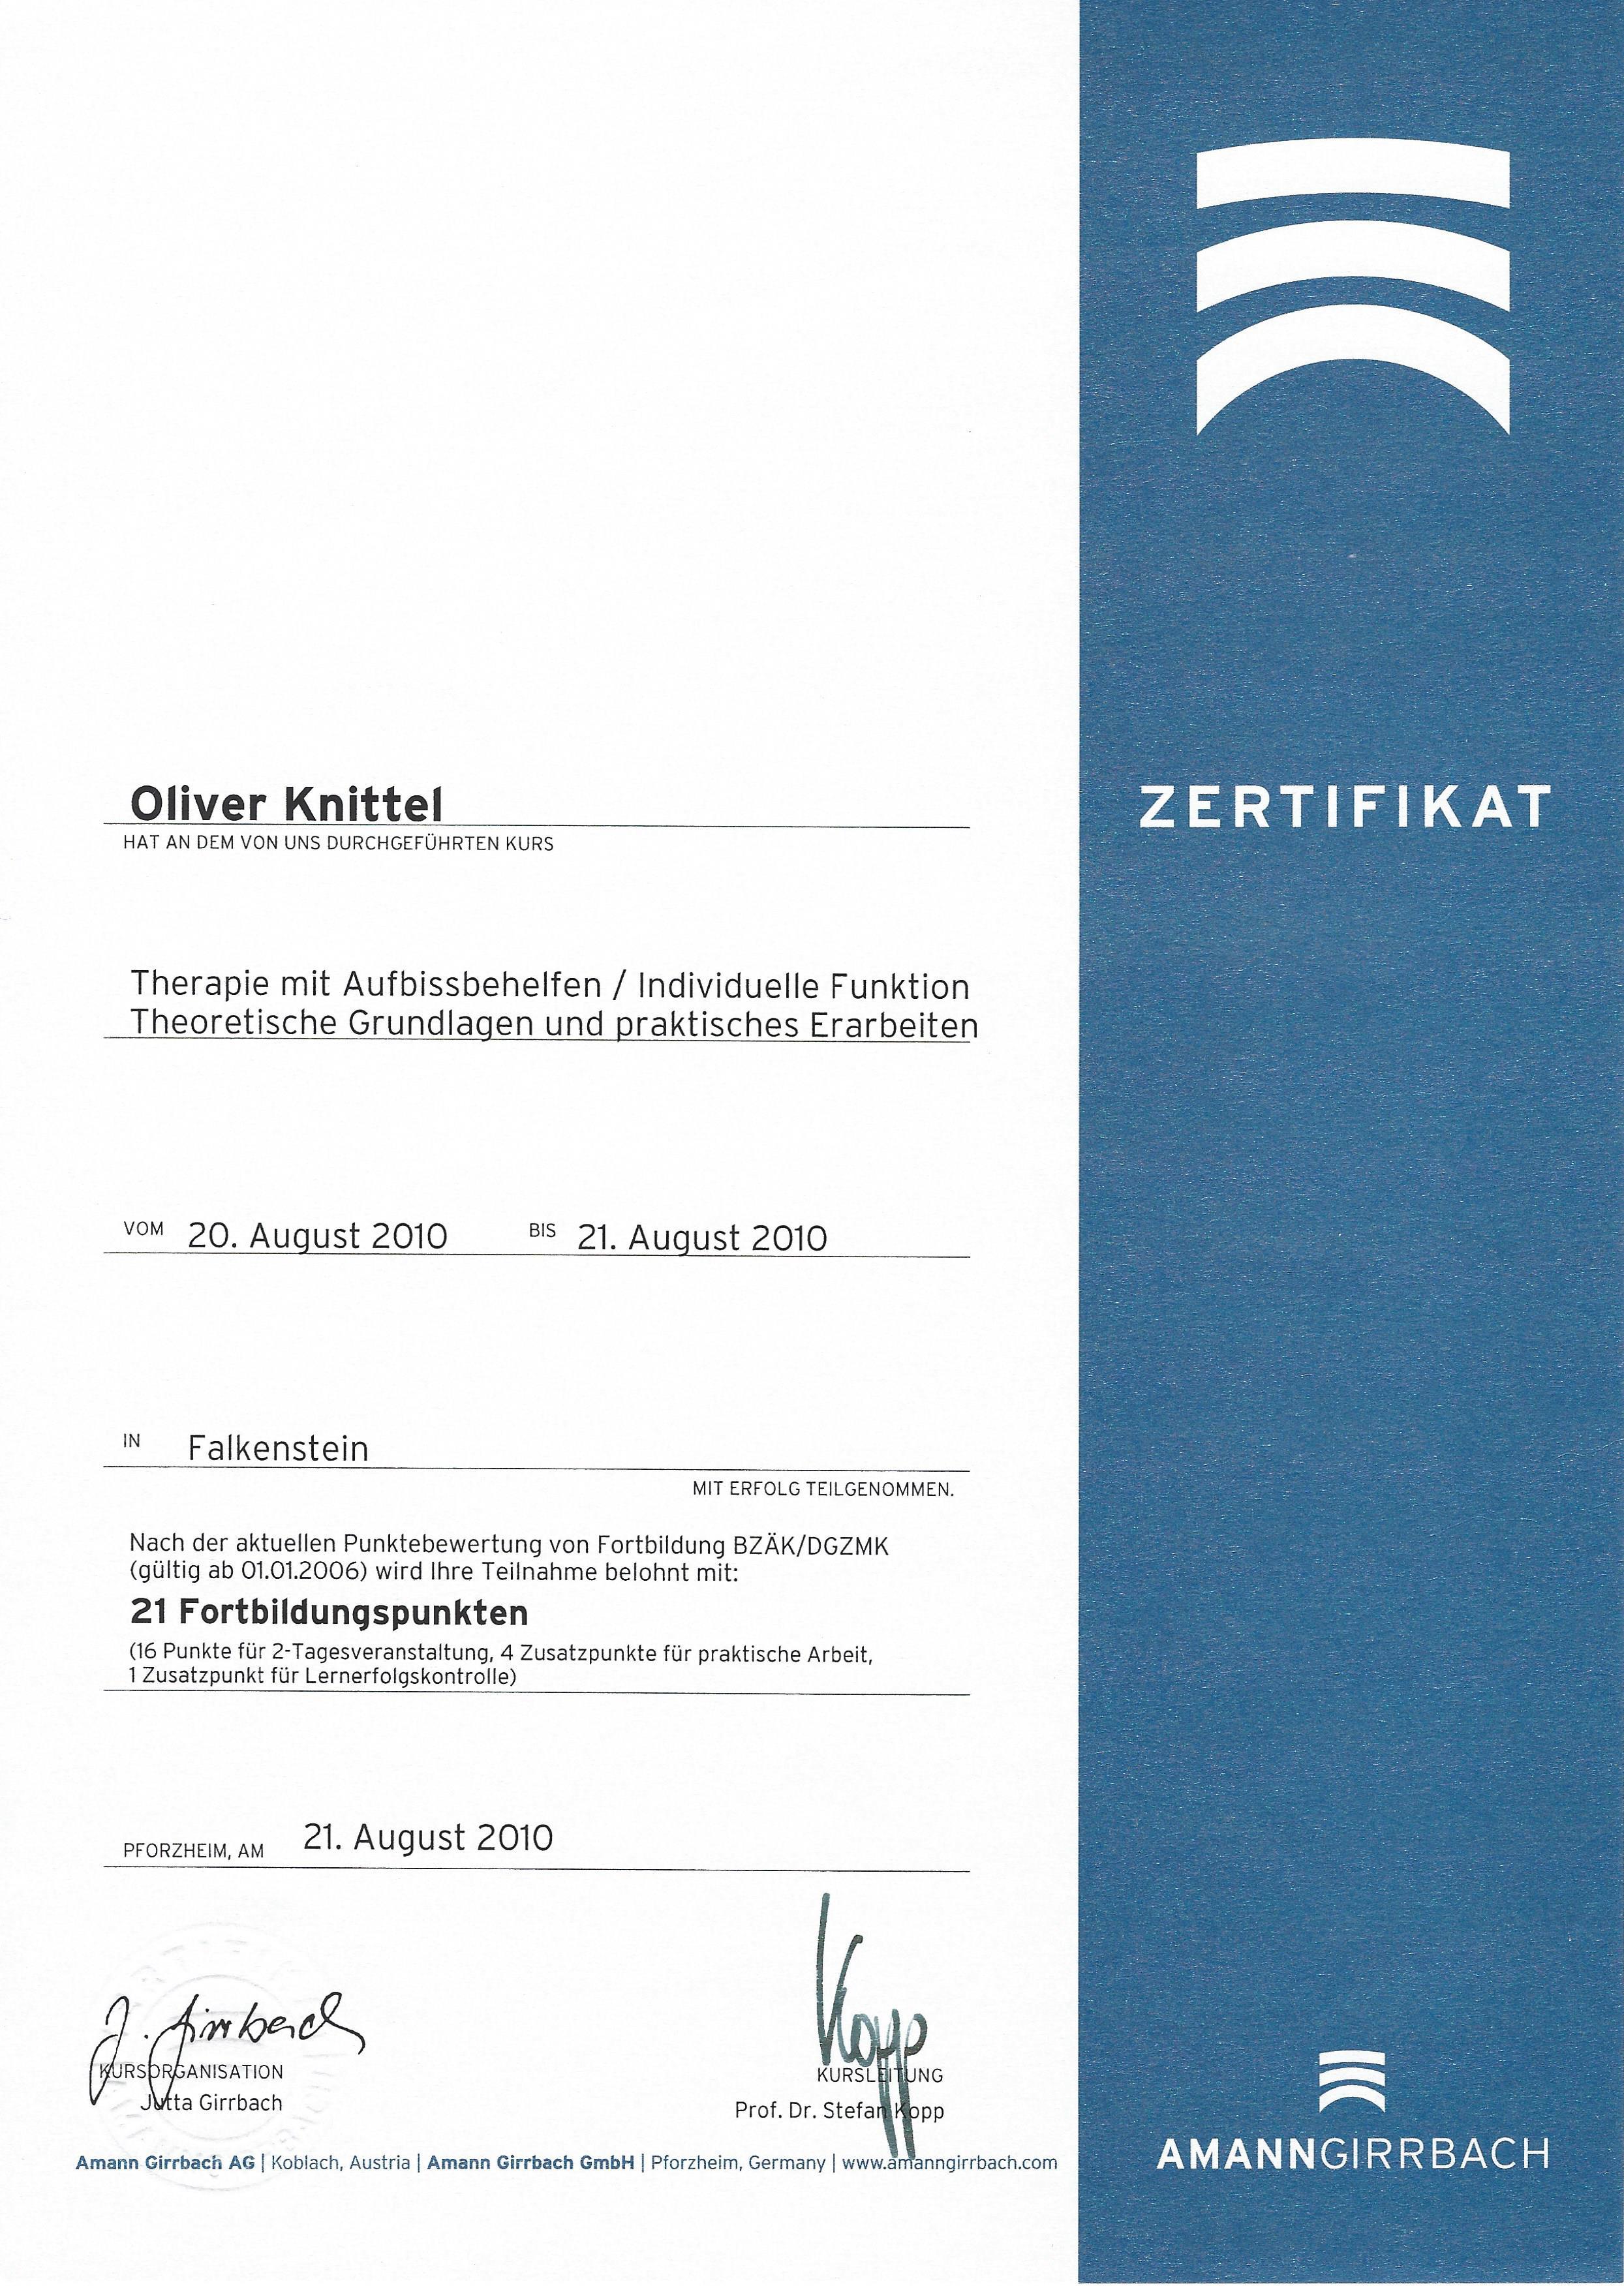 Schienenzertifikat